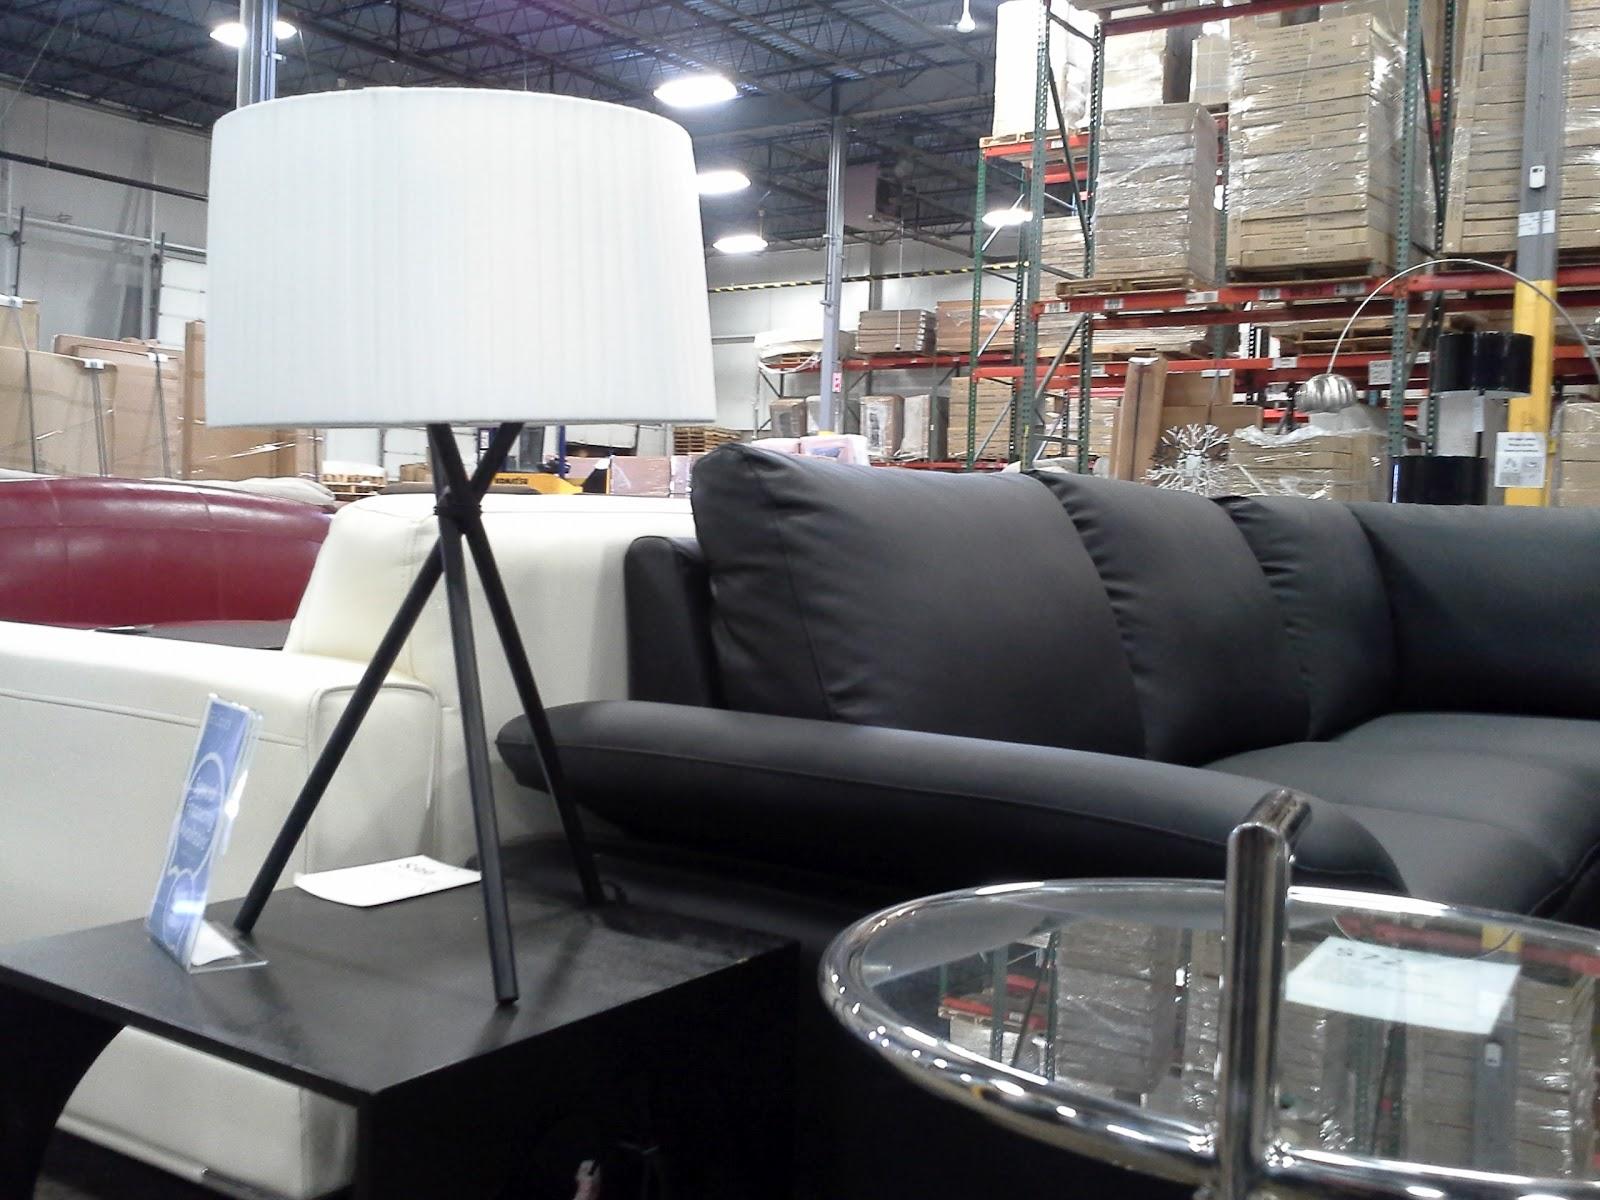 Chicago Furniture Interior Express Outlet Blog September 2012